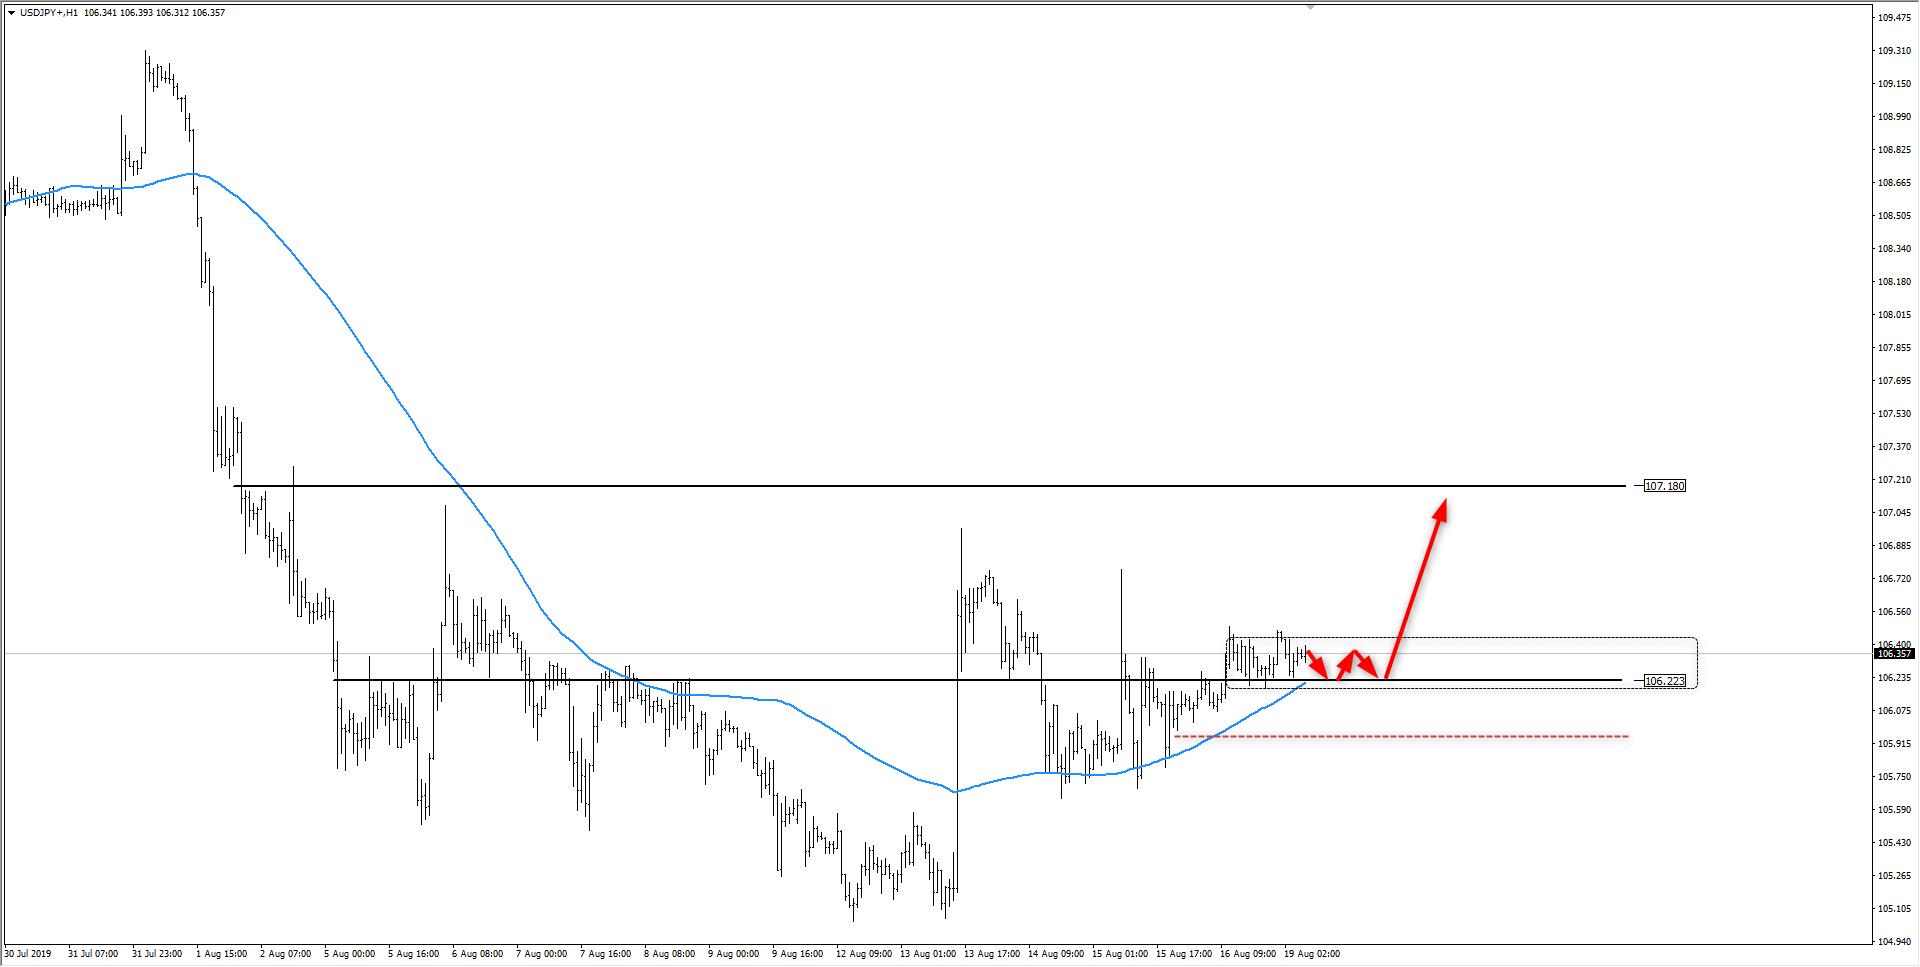 wykres Kurs dolara USDJPY H1 19.06.20419